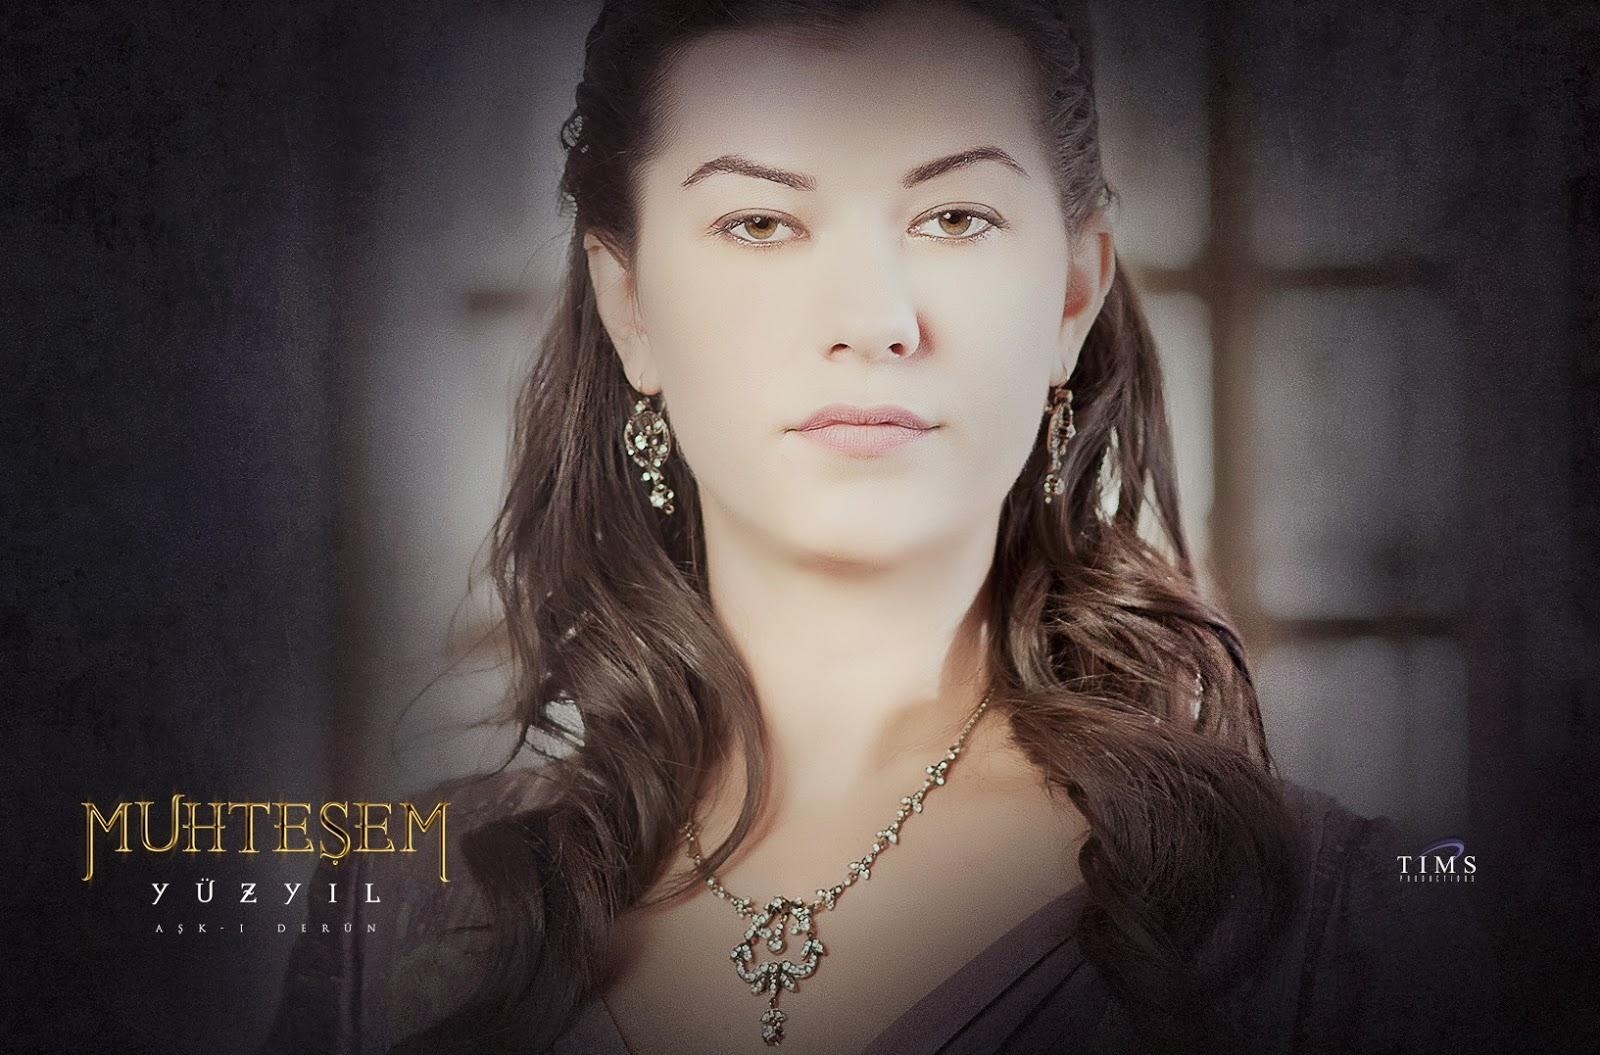 Turkish drama muhtesem yuzyil watch online